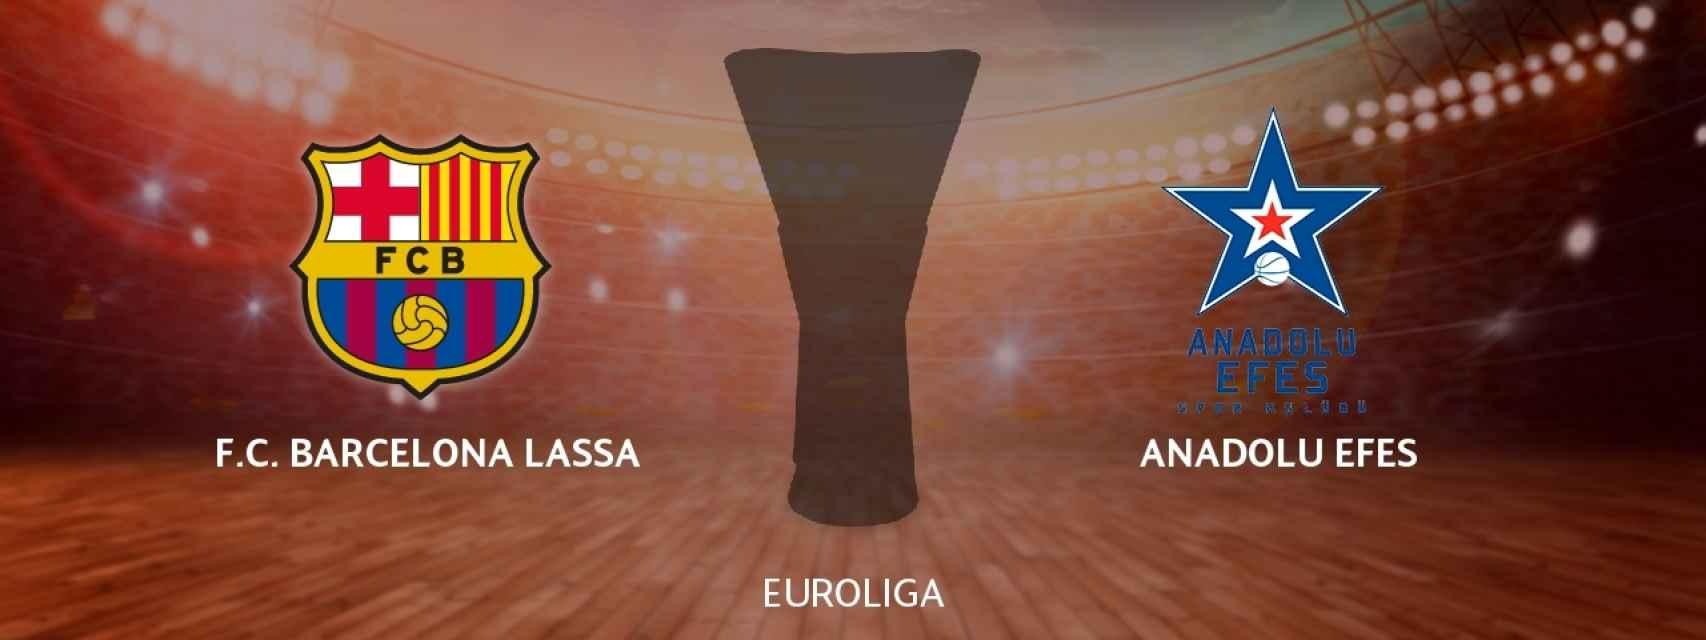 Barcelona Lassa - Anadolu Efes, siga en directo el partido de Euroliga